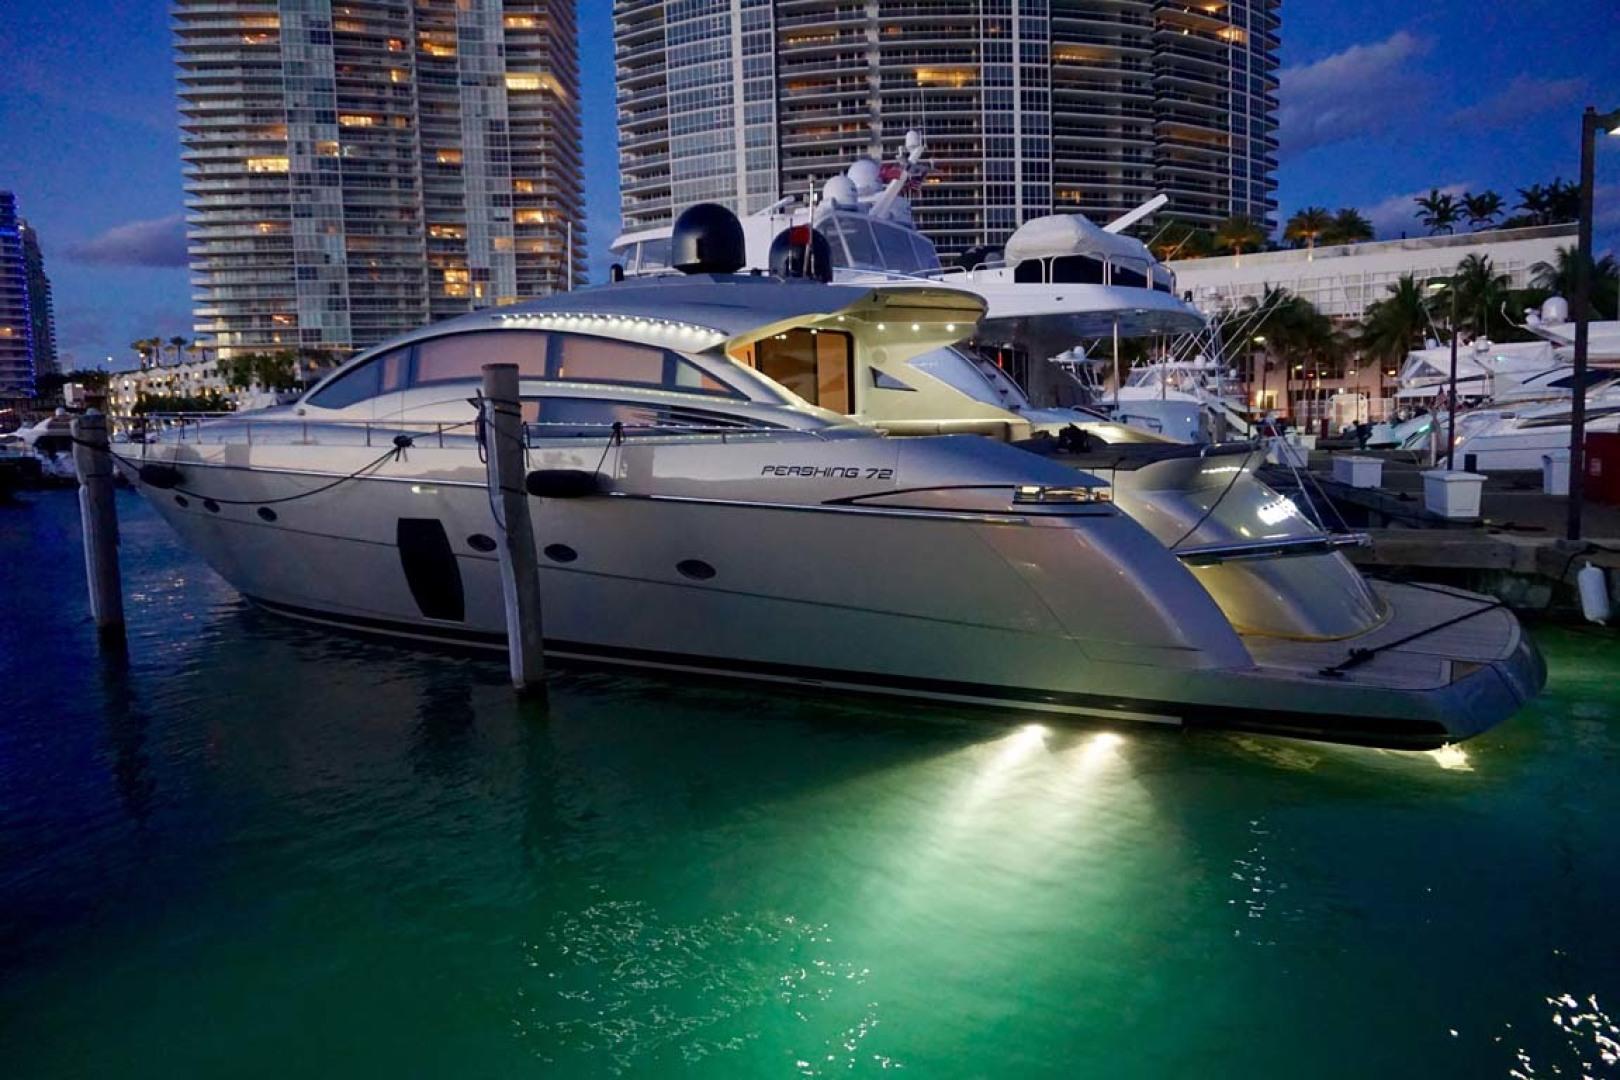 Pershing-P-72 2008-Intrepido Aventura-Florida-United States-Port Side At Night-1163077 | Thumbnail